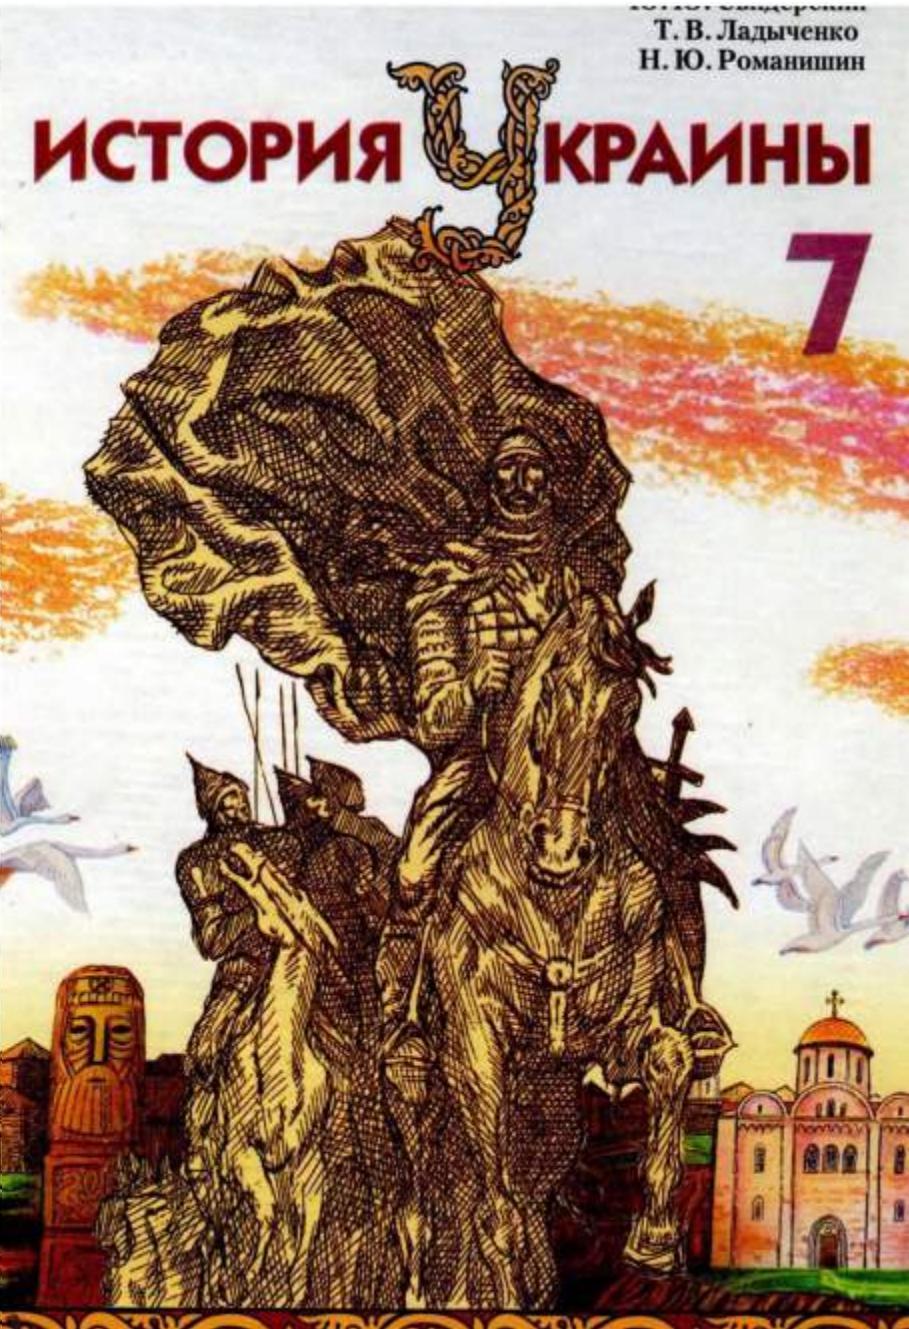 Скачять учебник по истории украины 7 класс ю.ю.свидерский т.в.ладыченко н.ю романишин